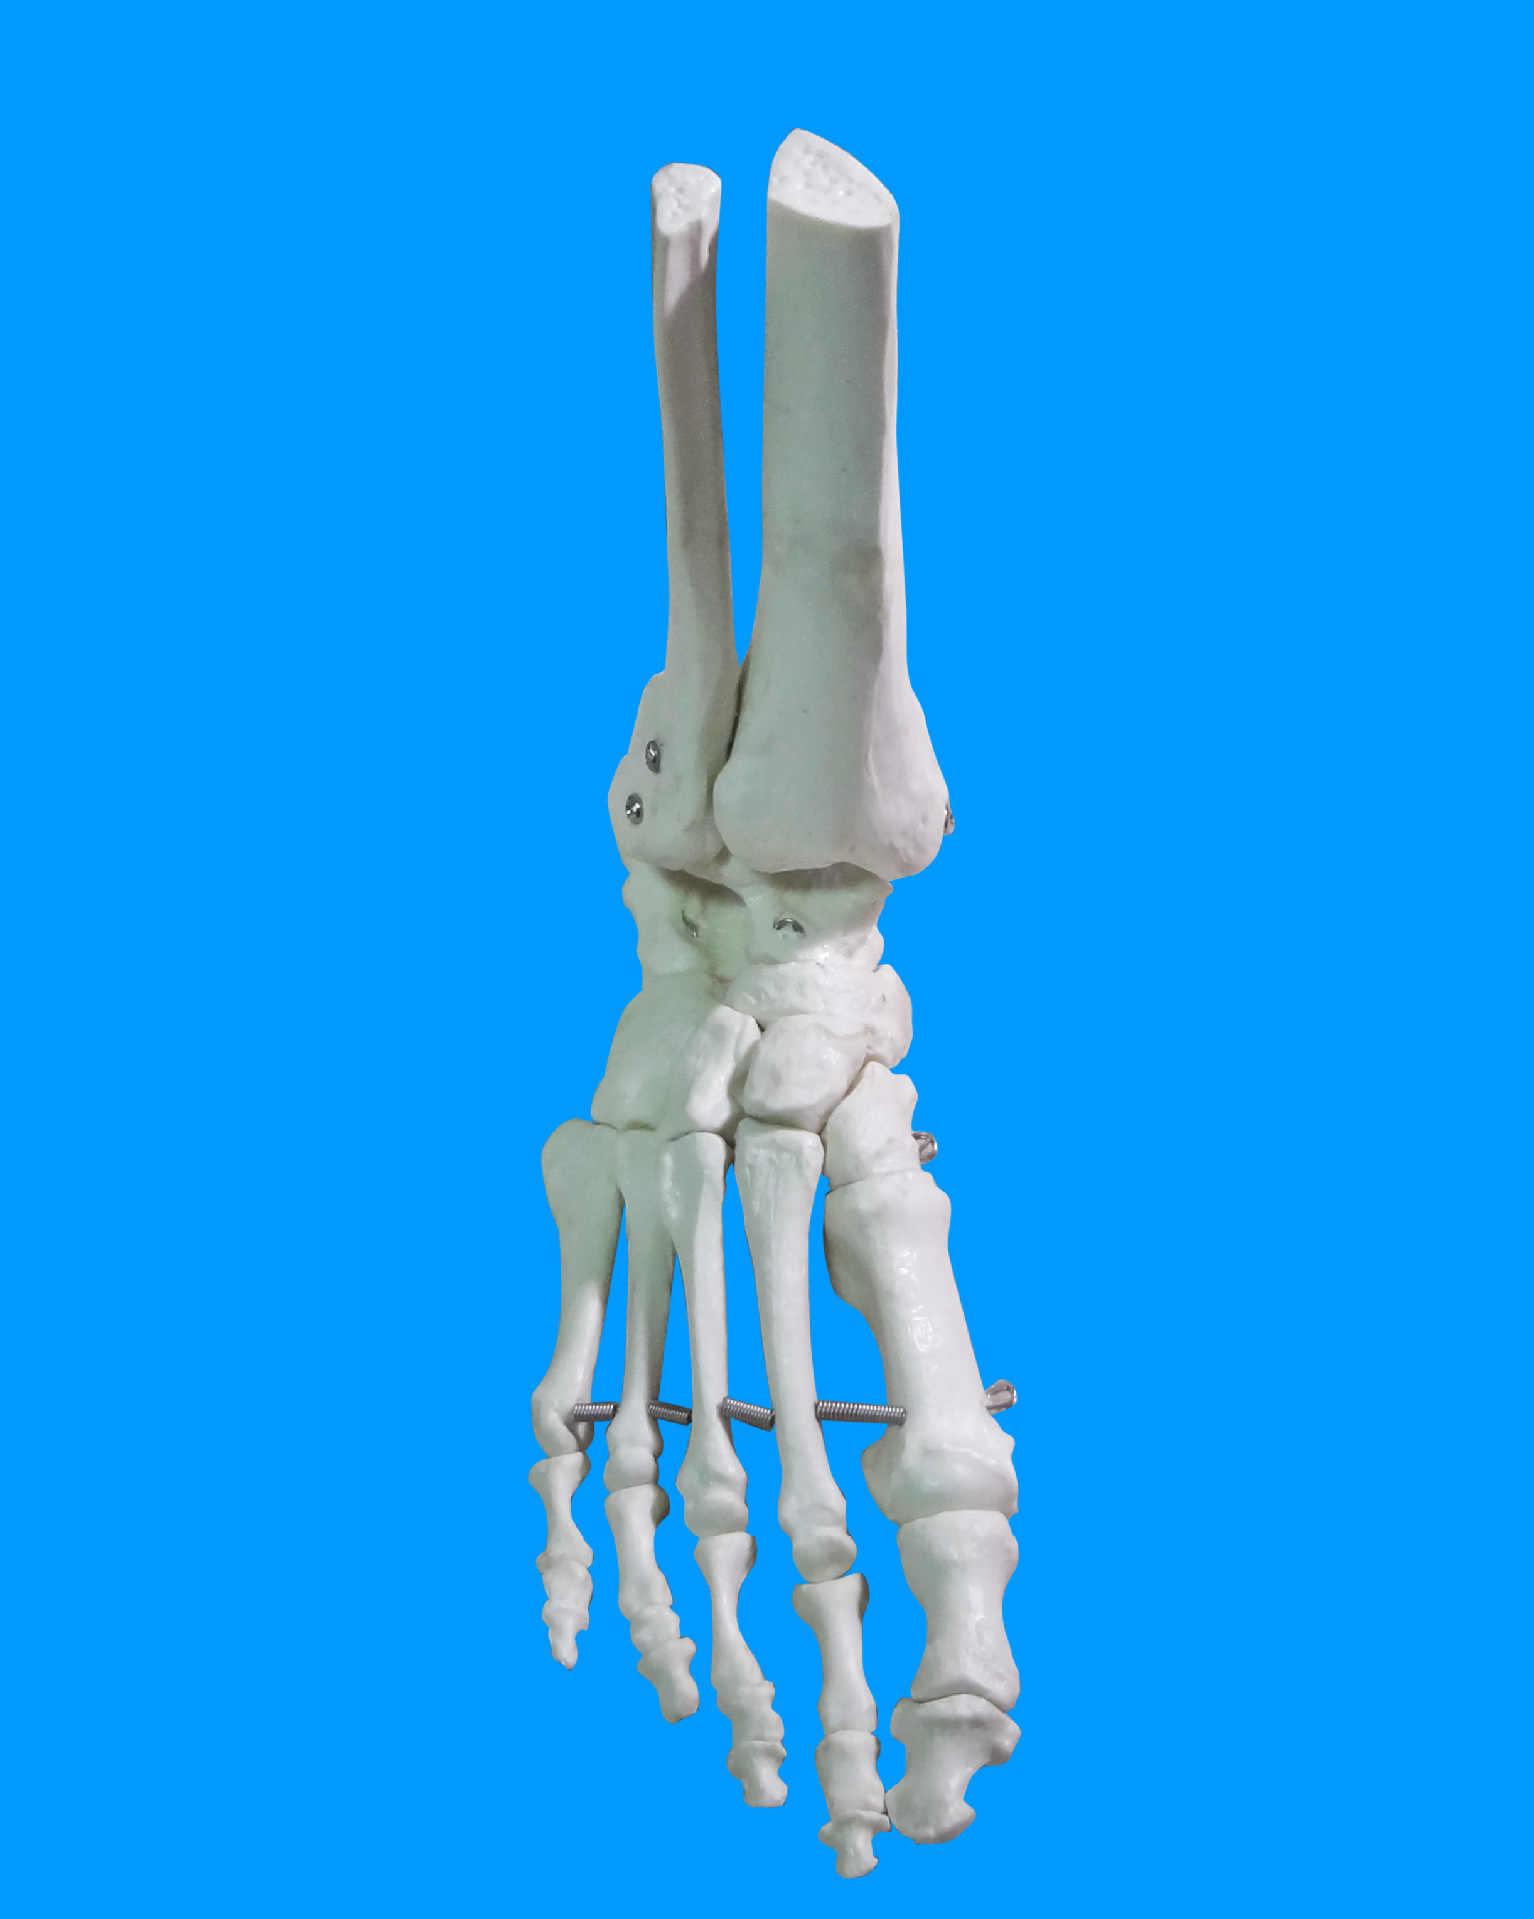 1:1 articulación del tobillo del pie humano articulación del hueso modelo médico esqueleto de anatomía modelo proveedor de herramientas de enseñanza